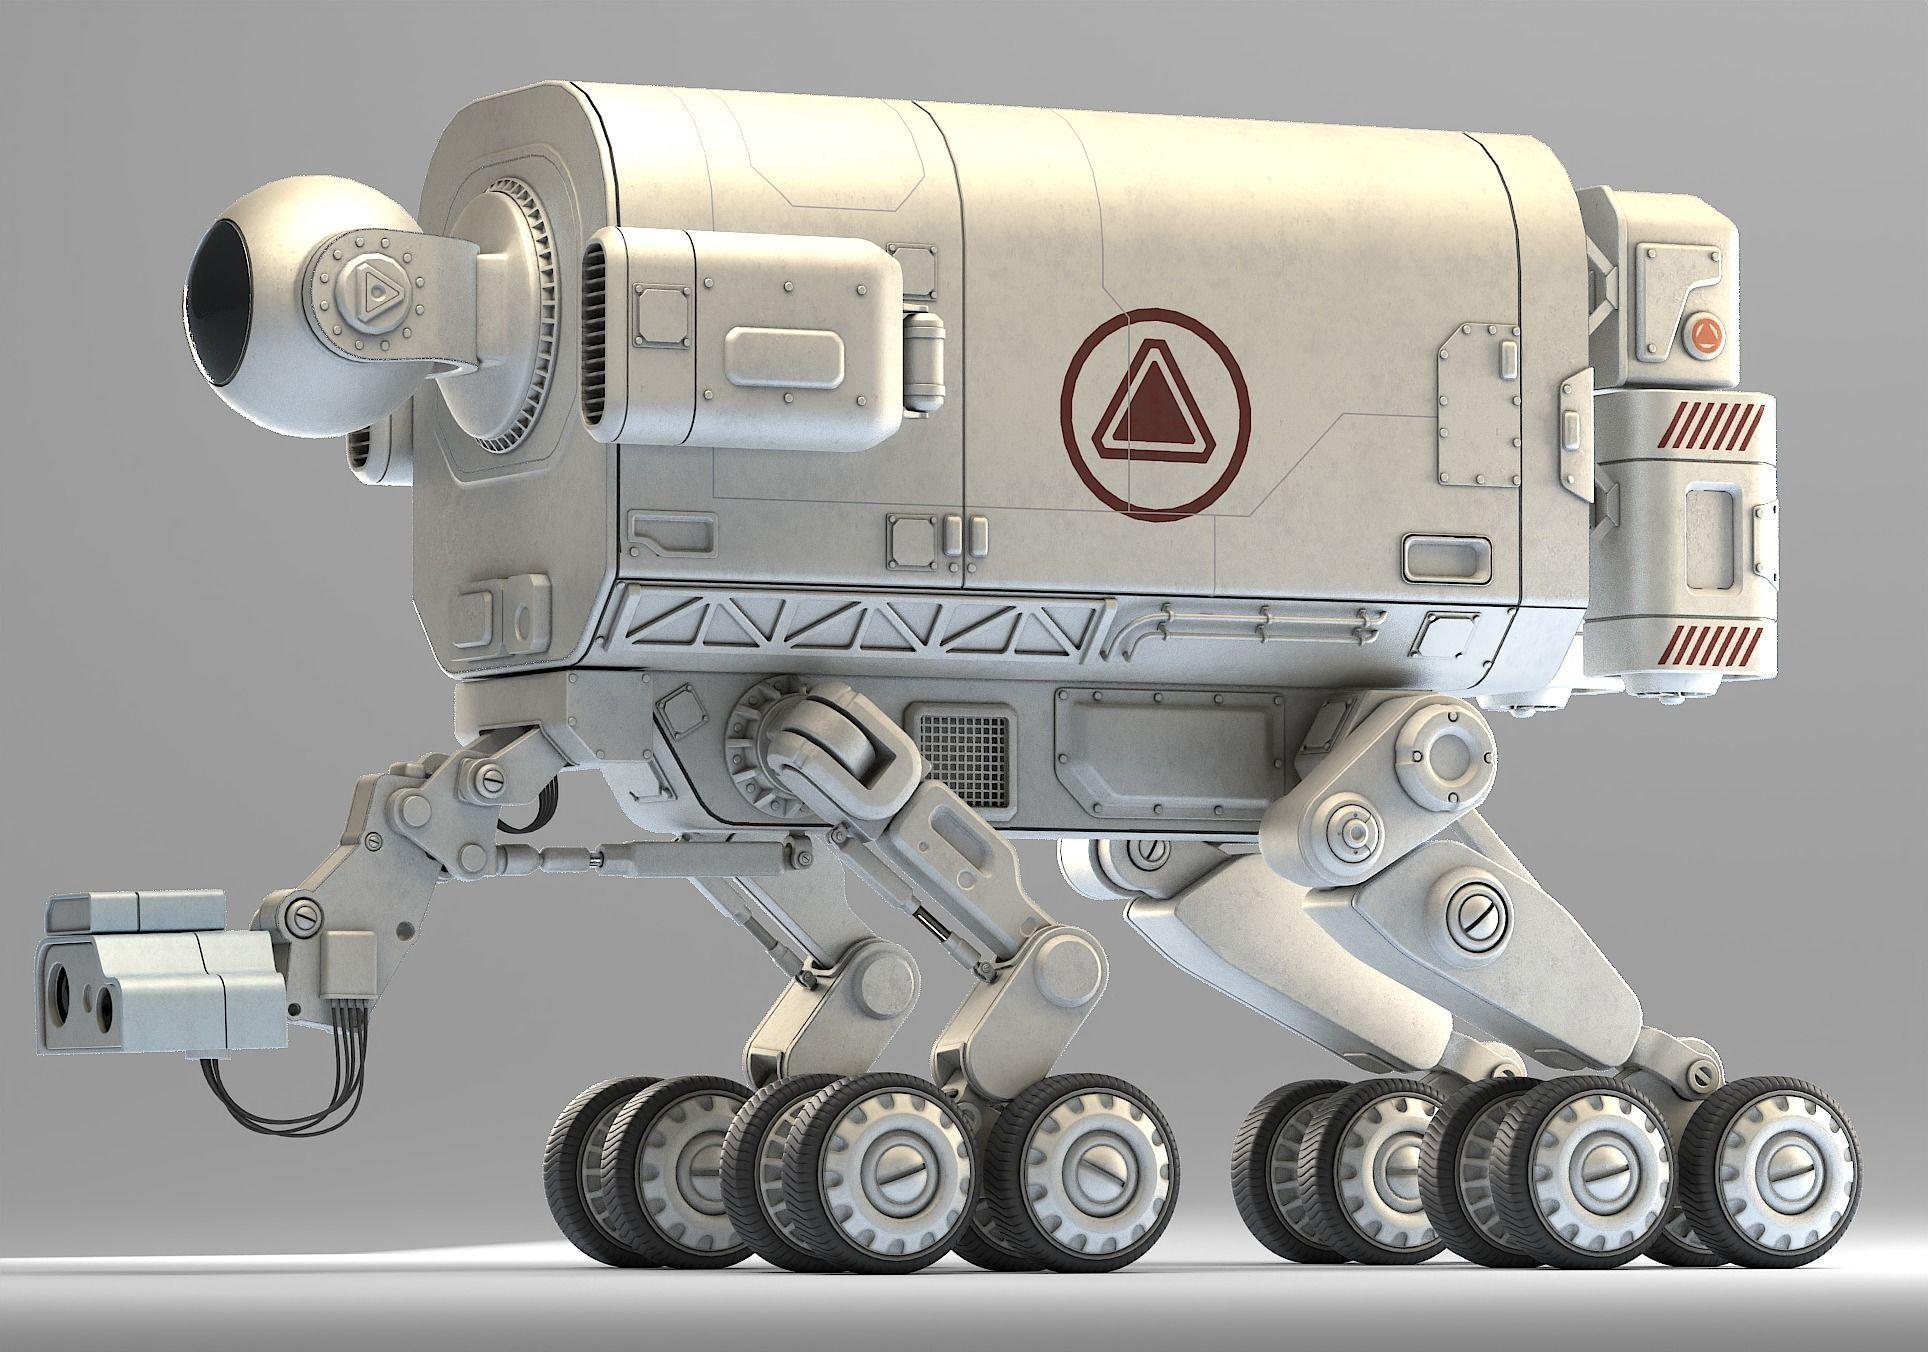 SAR Robot